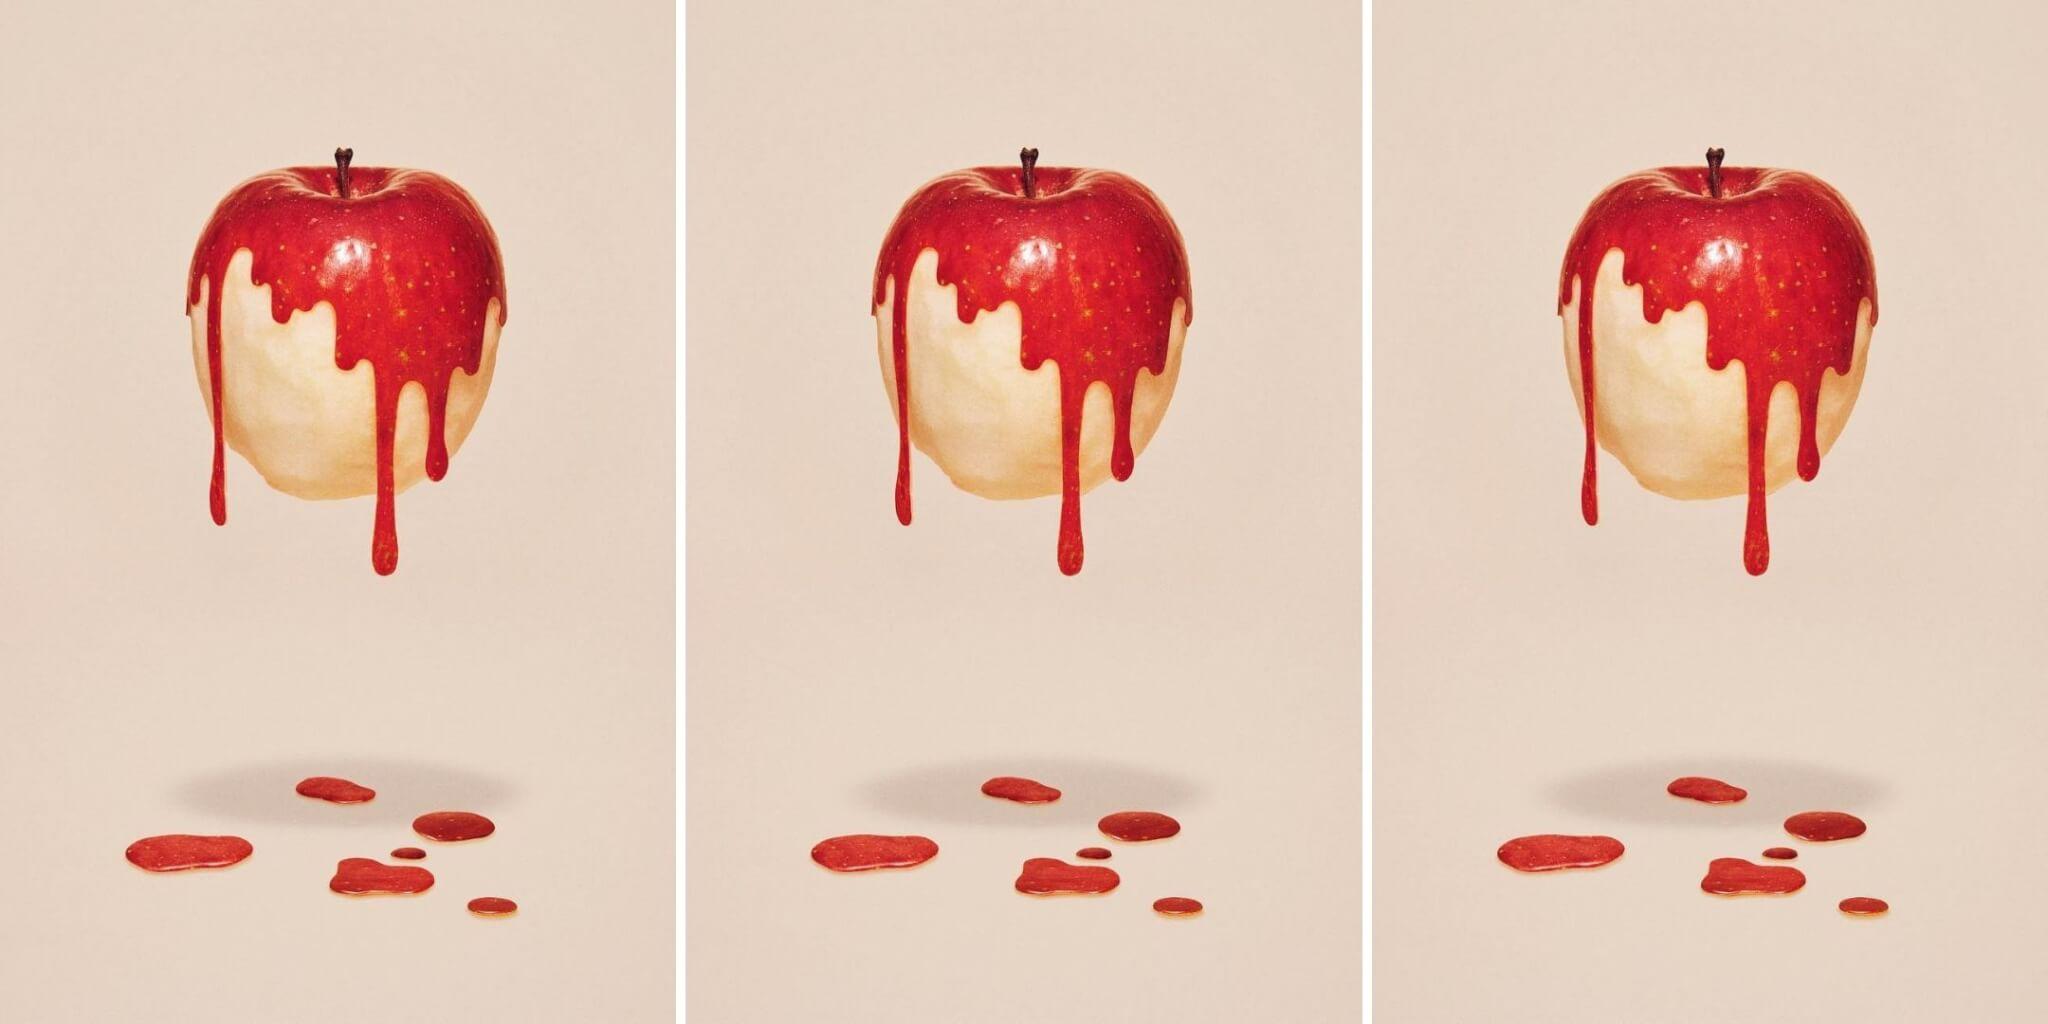 obras surrealistas con manzanas